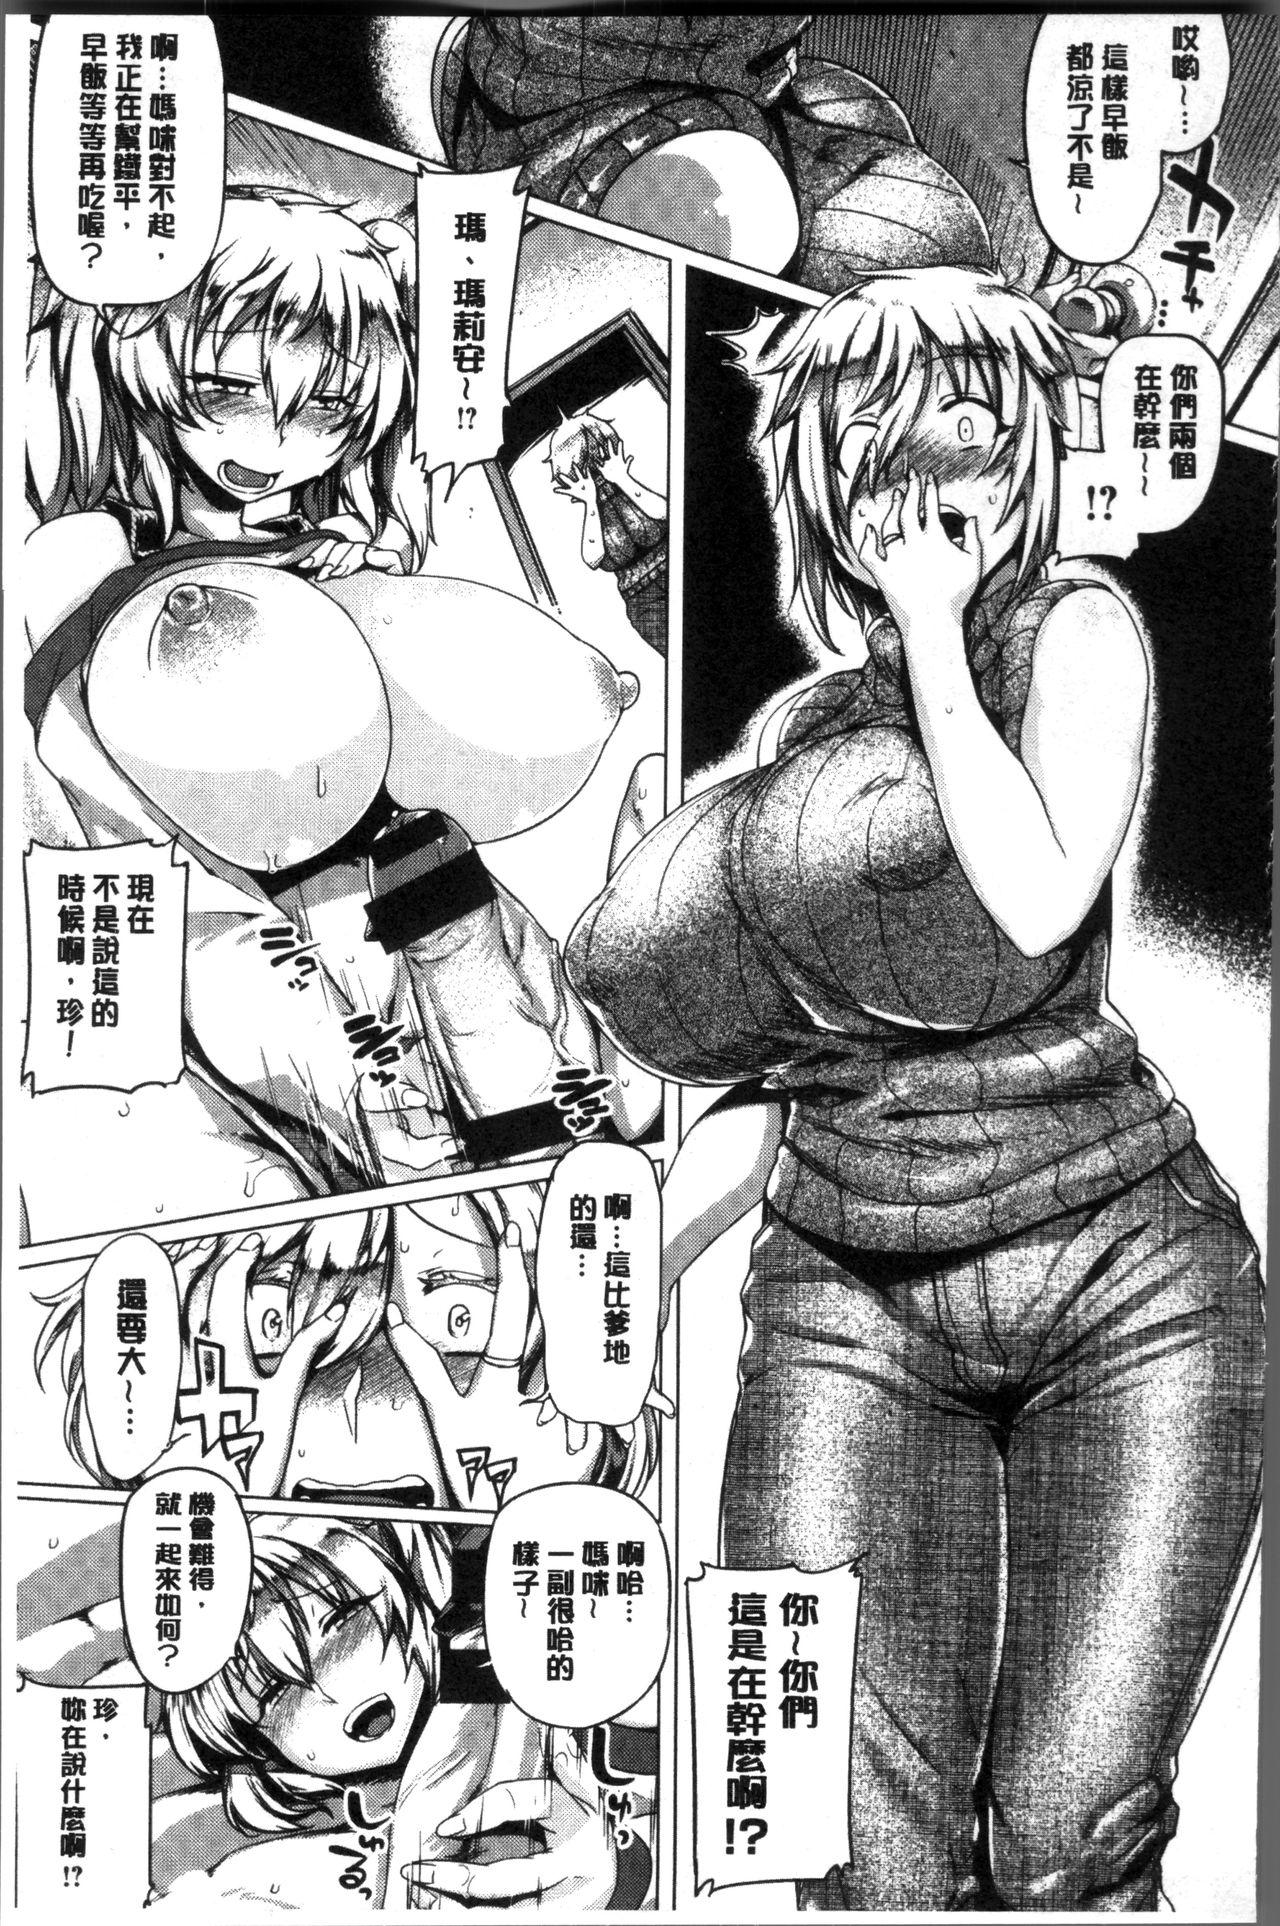 Chichi Shiri Futomomo | 柔乳嫩尻性感美腿 42